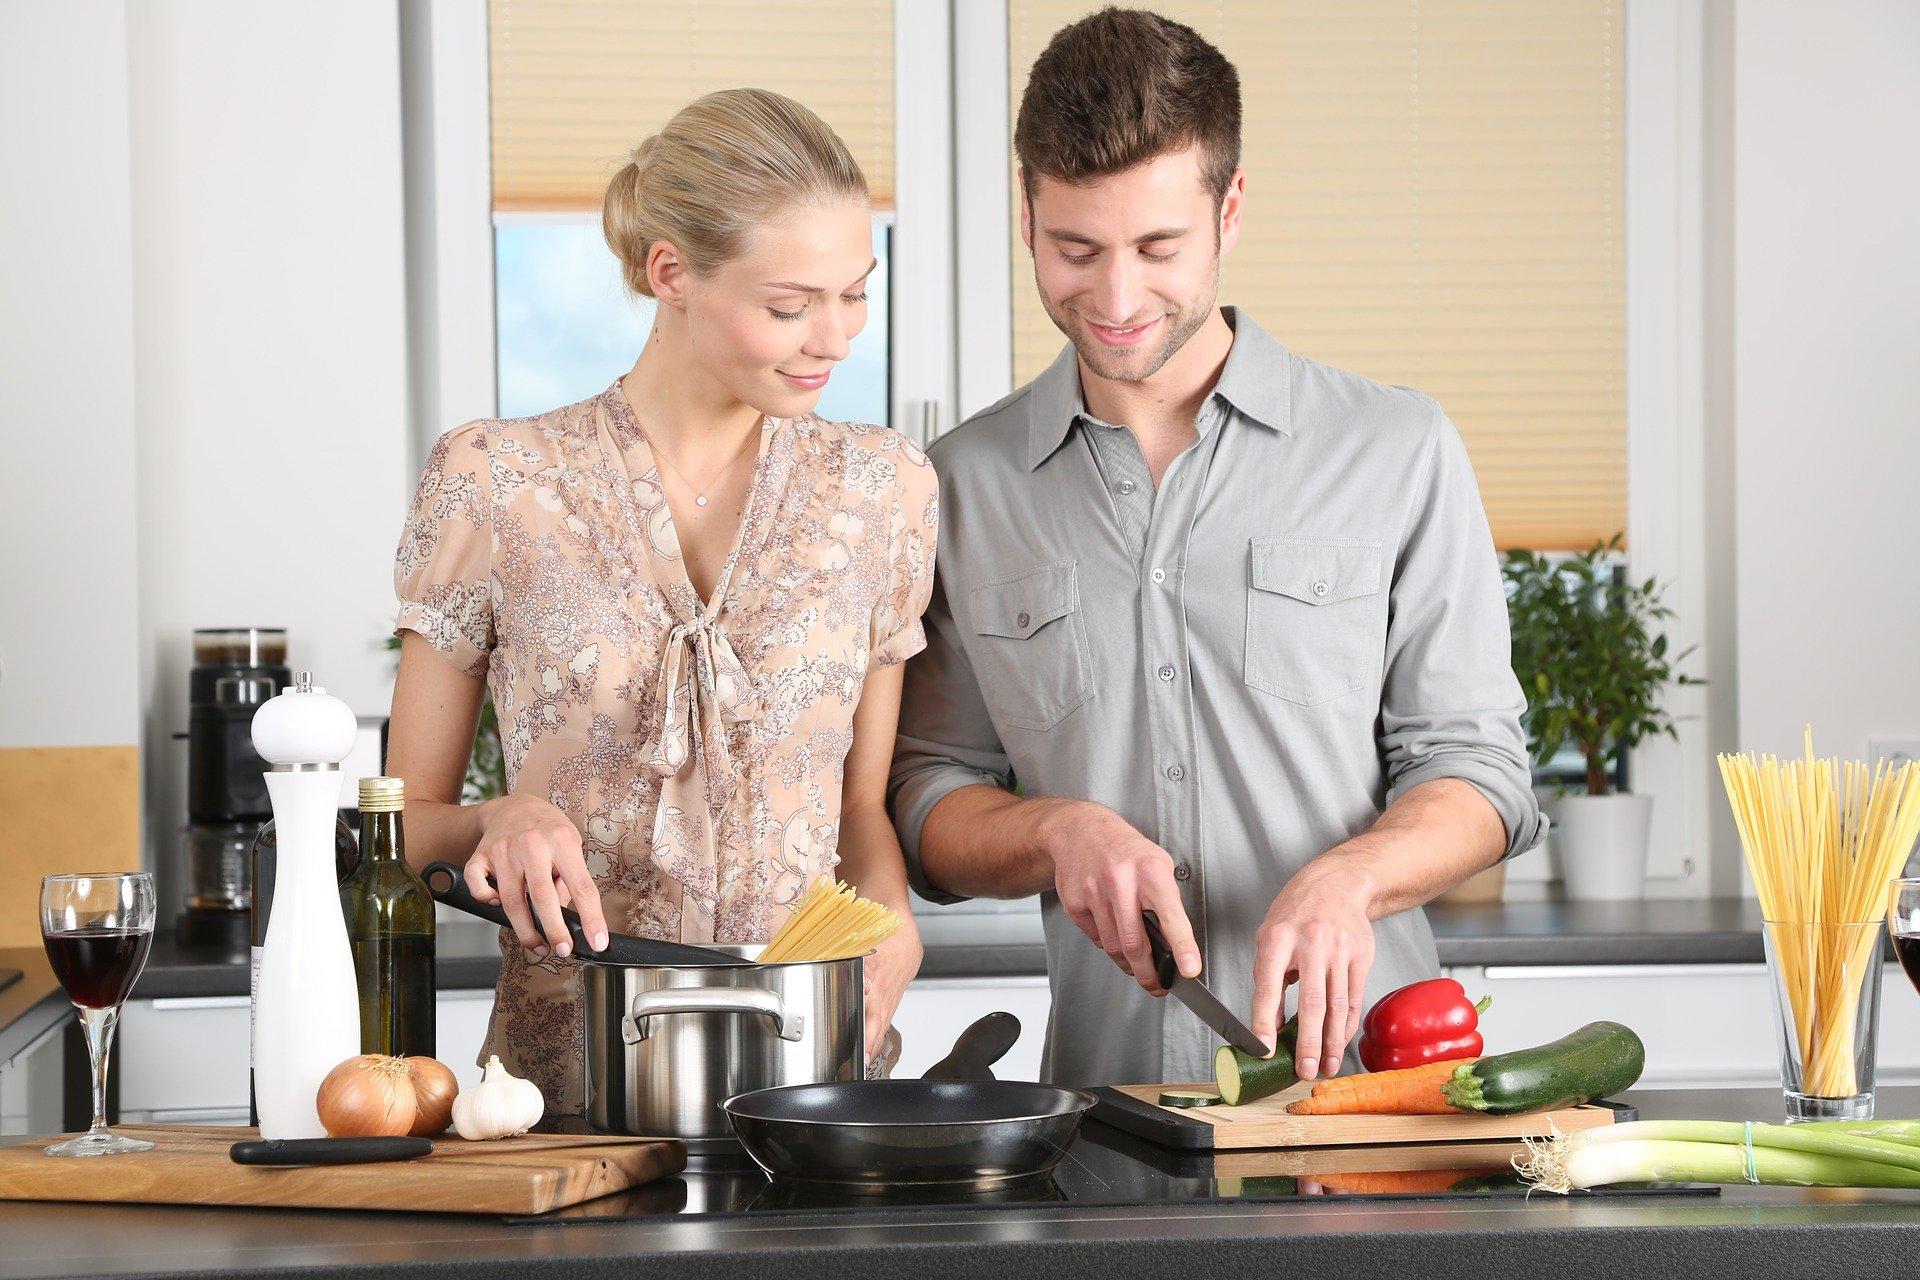 Culinary Skills